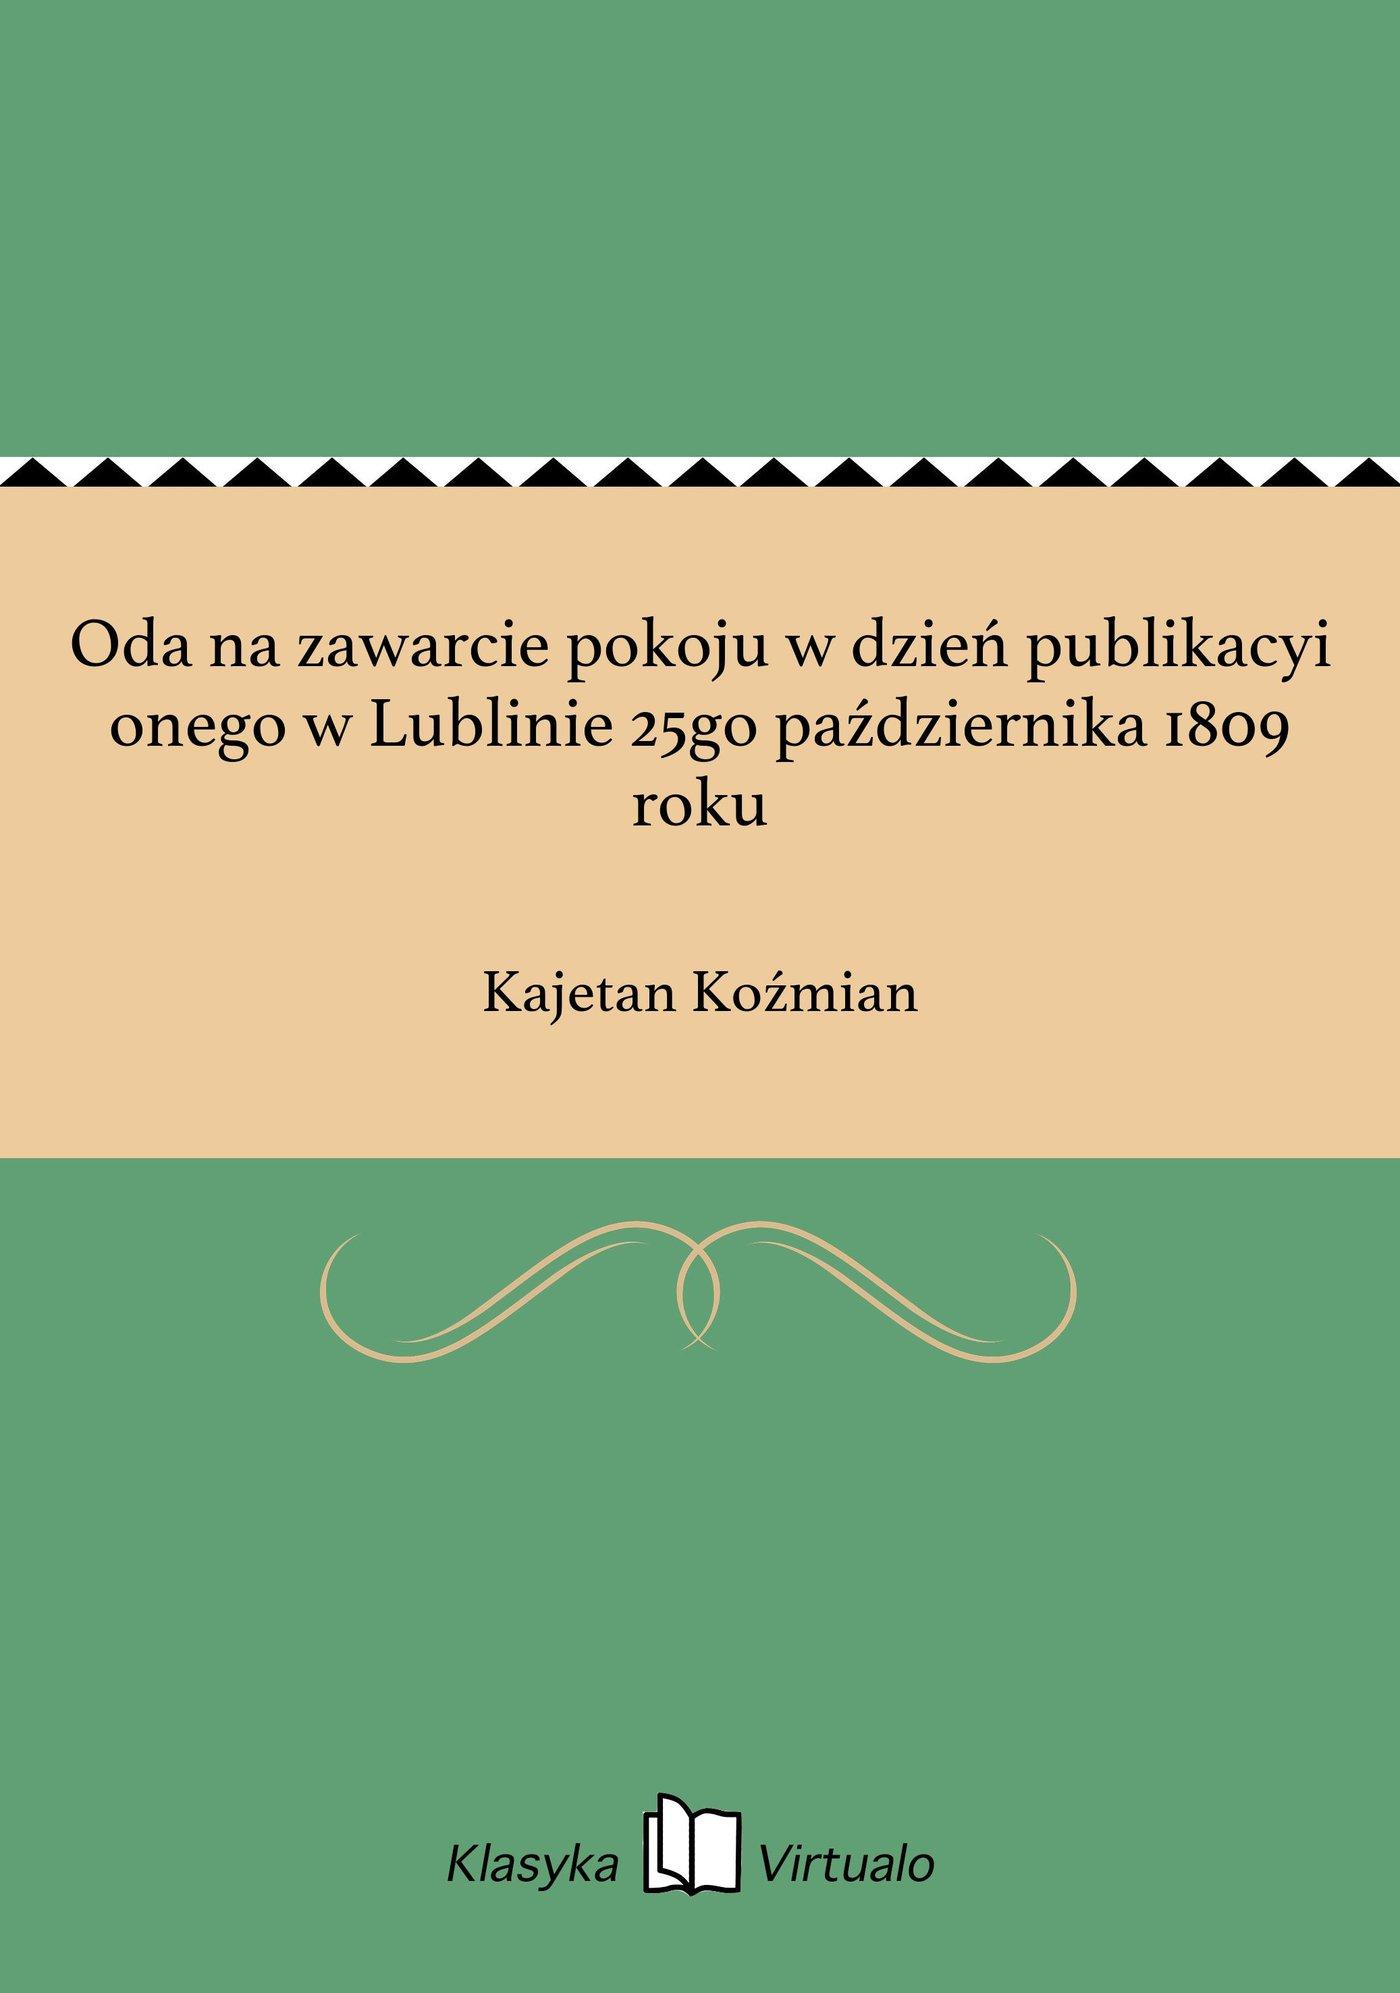 Oda na zawarcie pokoju w dzień publikacyi onego w Lublinie 25go października 1809 roku - Ebook (Książka EPUB) do pobrania w formacie EPUB